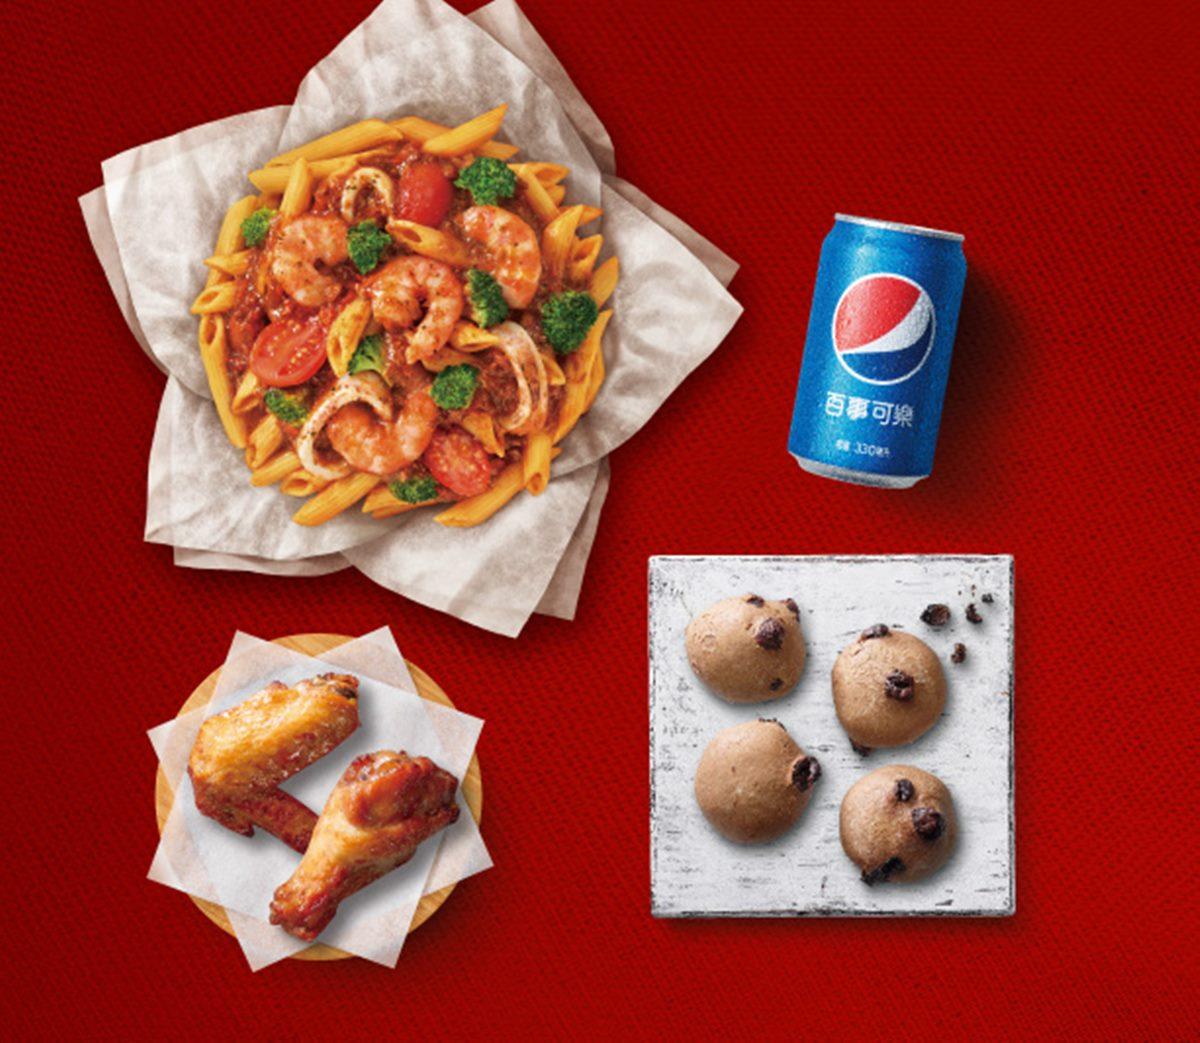 現賺75元!必勝客「四爽餐」一次吃到整個披薩、烤雞和甜點,還能把「防疫隔板」帶走